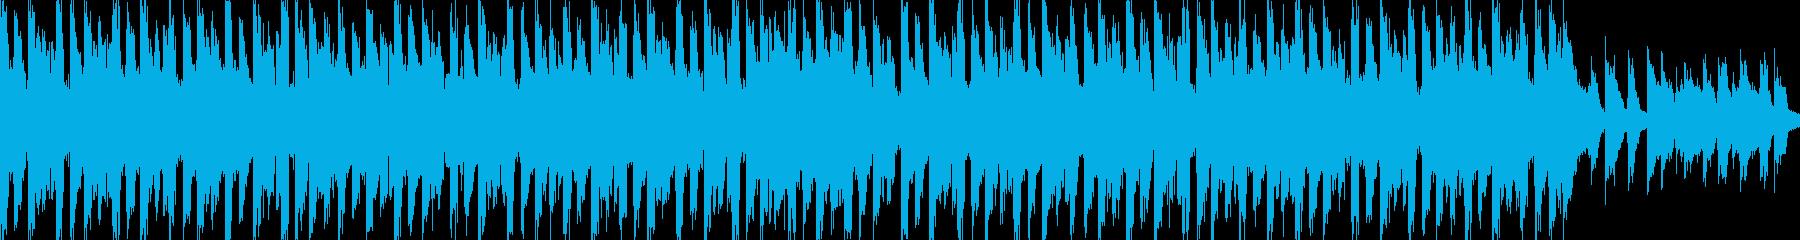 チャートポップ、R&B /ダンスク...の再生済みの波形